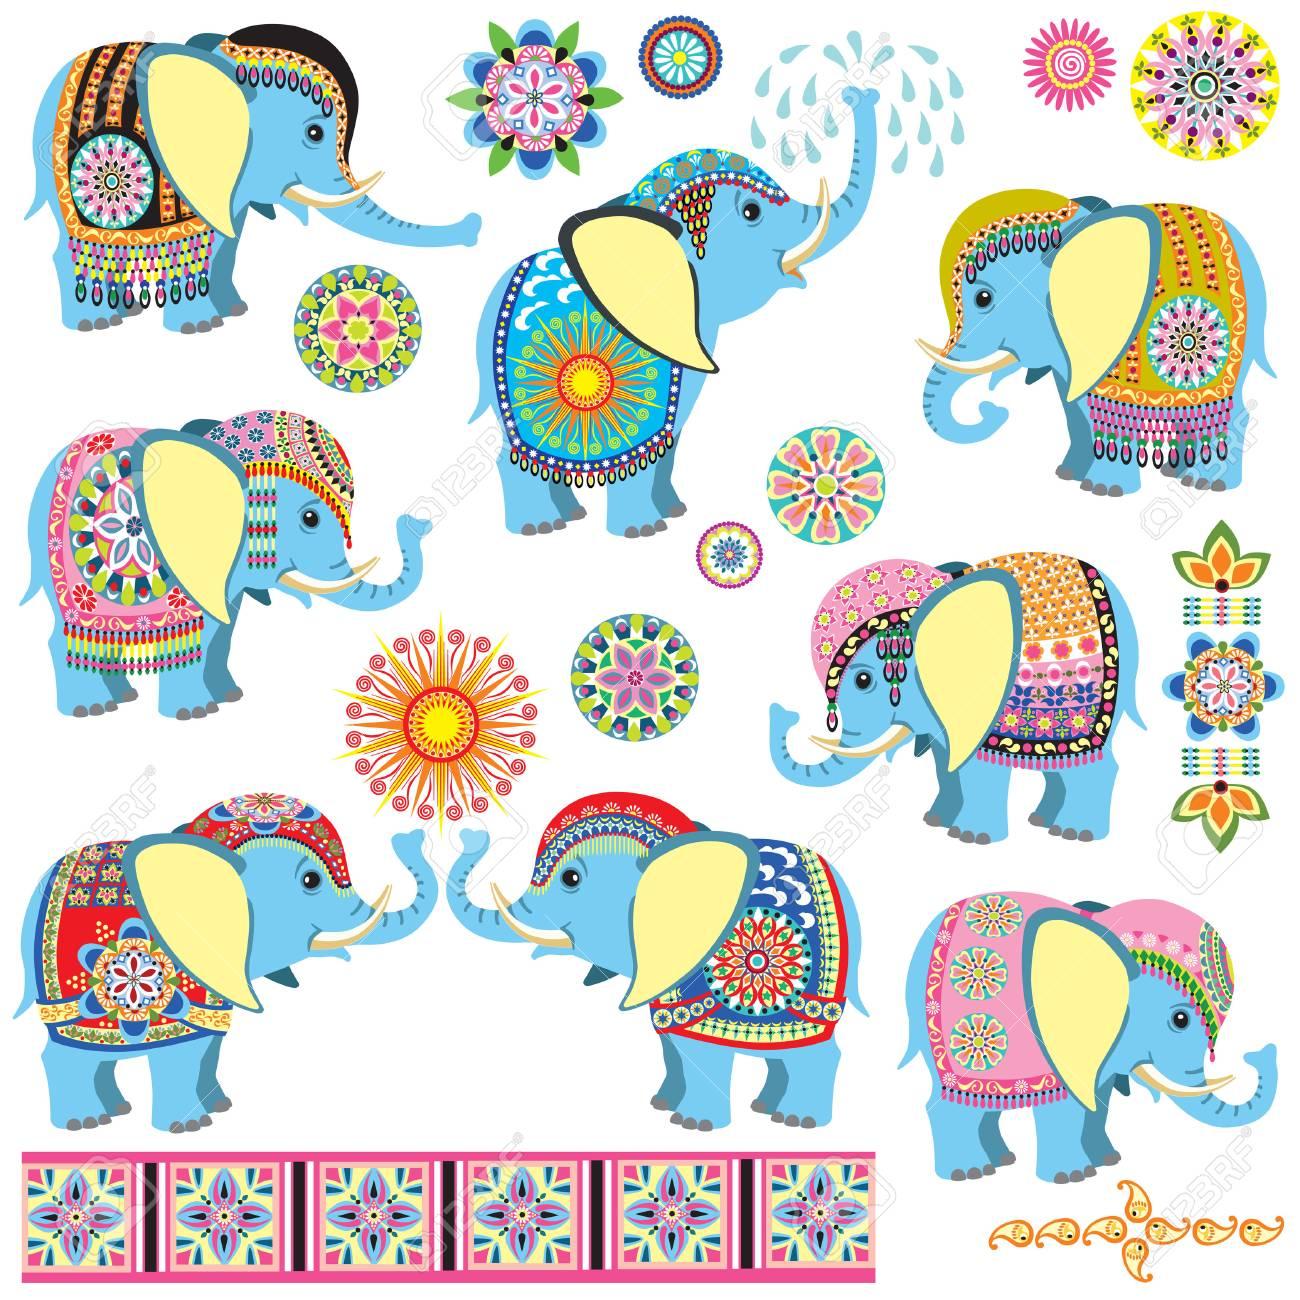 Conjunto Con Dibujos Animados Elefantes Indios Decorados Con Adornos